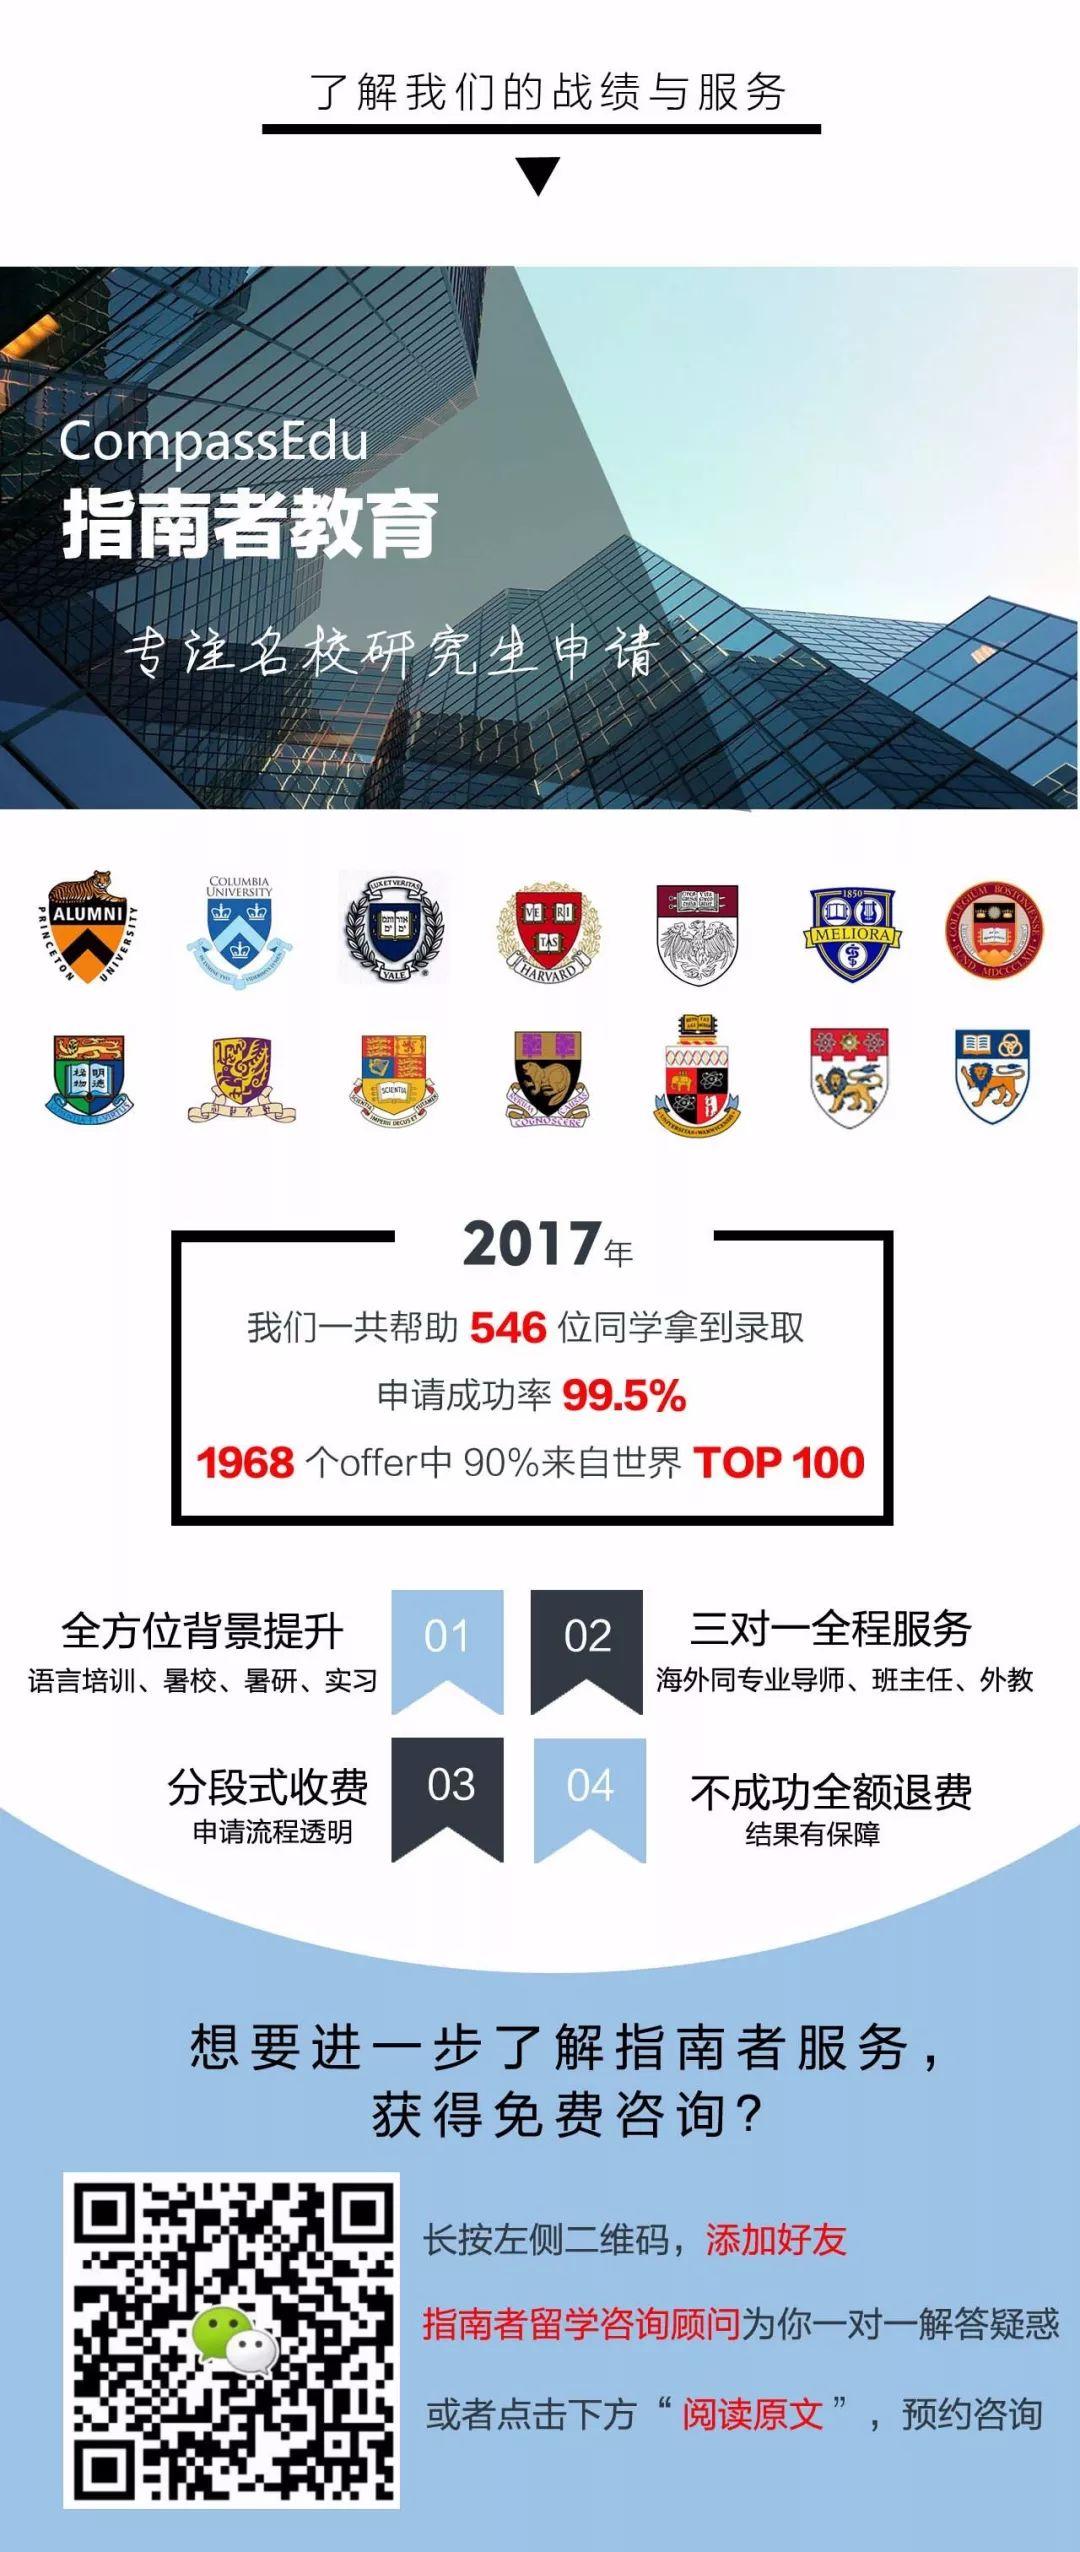 新加坡国立大学(NUS)四枚顶级金融工程offer花落指南者留学!